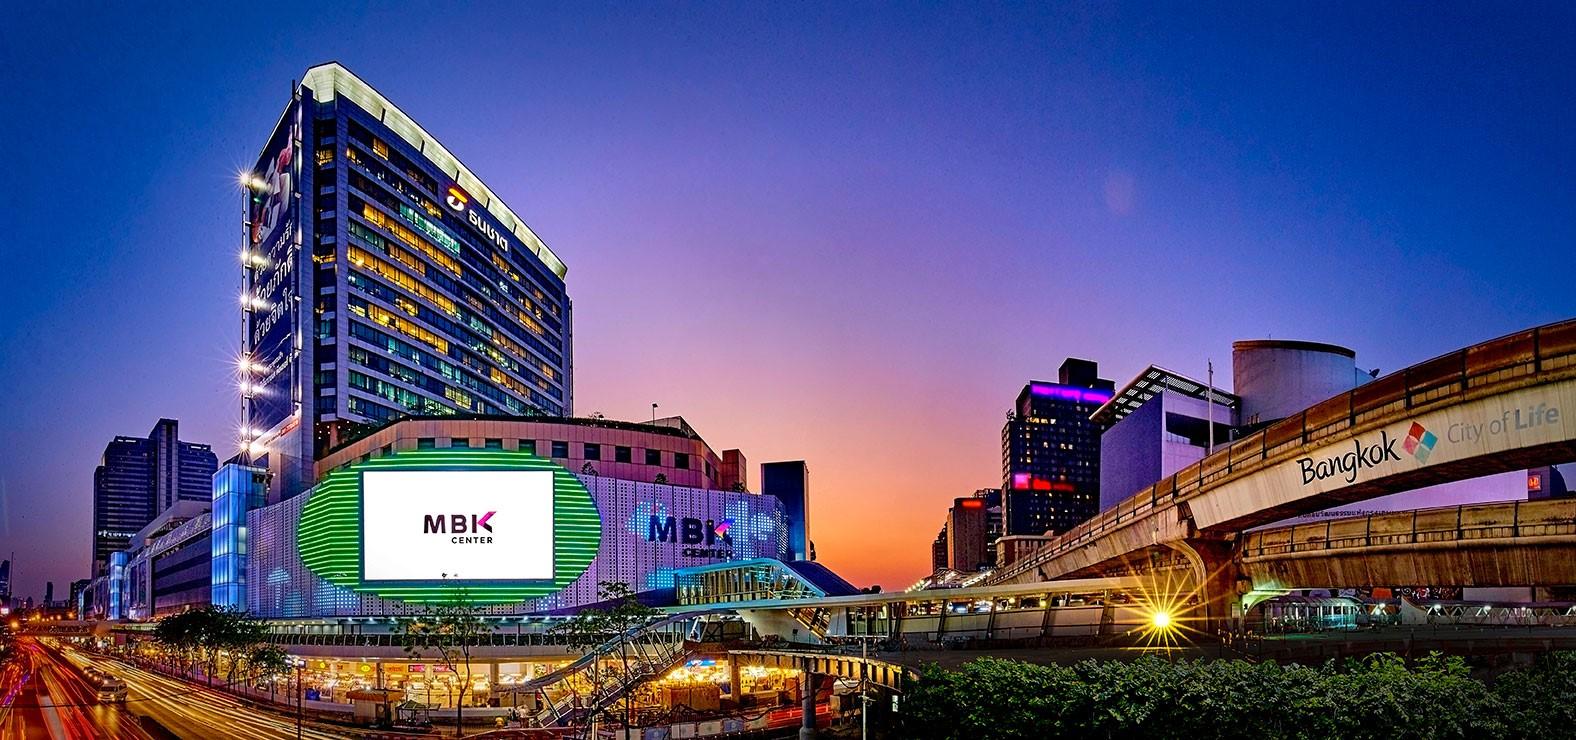 Trung tâm thương mại MBK